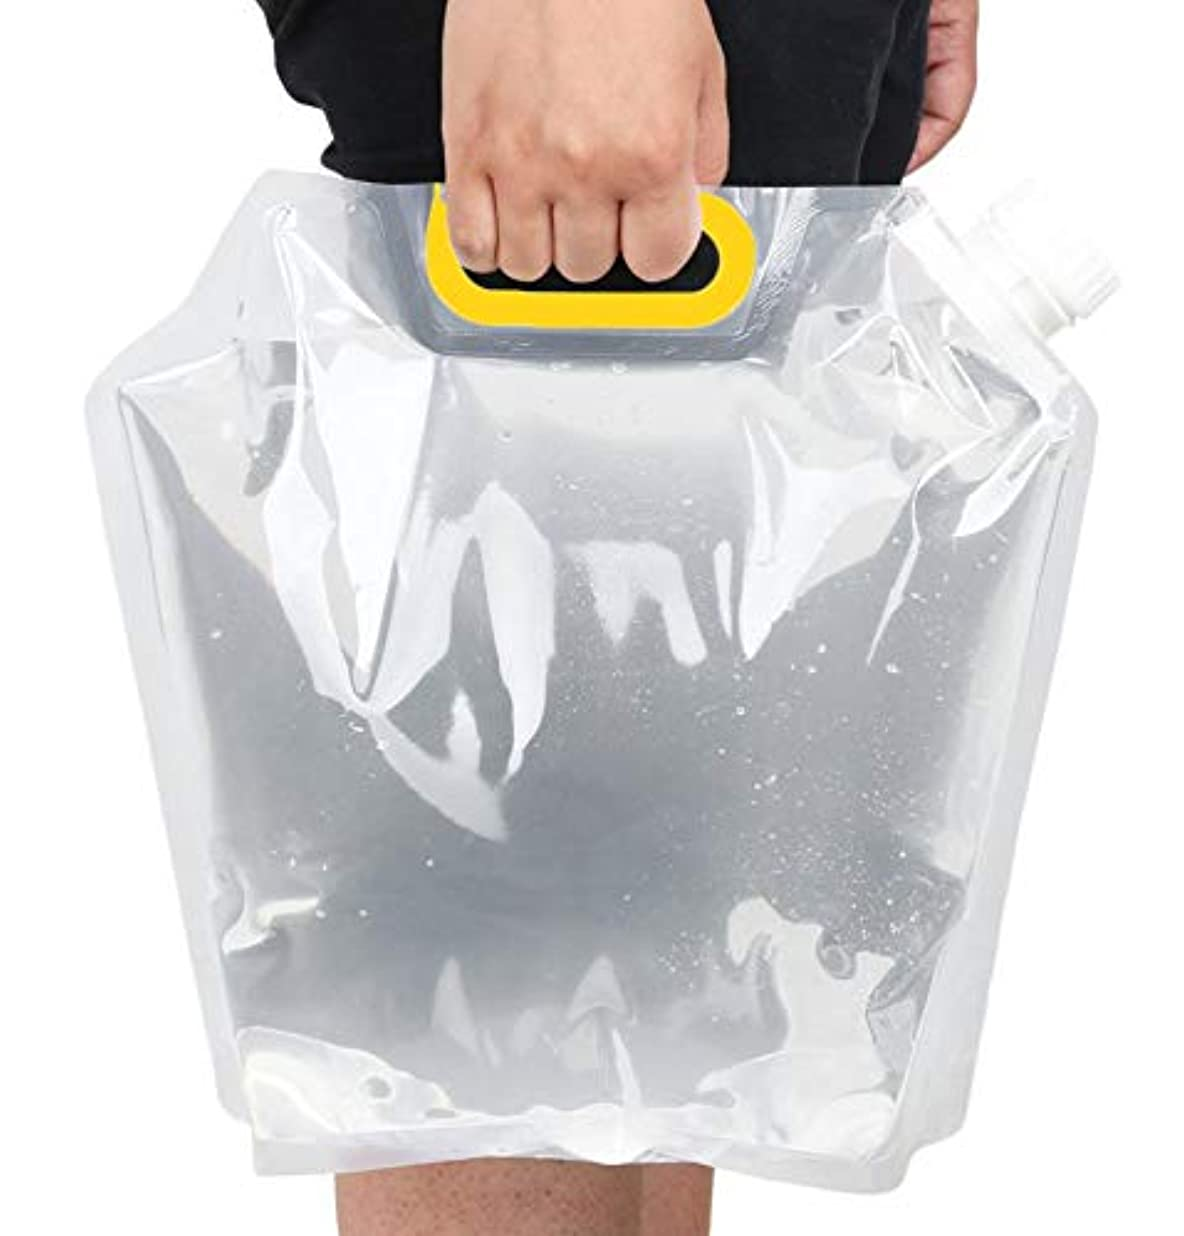 腕スロー転送F.O.G EMOCE 非常用給水バッグ 避難防災グッズ ウォータータンク 【便携】折り畳み 高品質ウォーターバッグ 旅行 登山 繰返し使用 大容量 持ち運び 非常用給水袋5L/10L用 3個セット